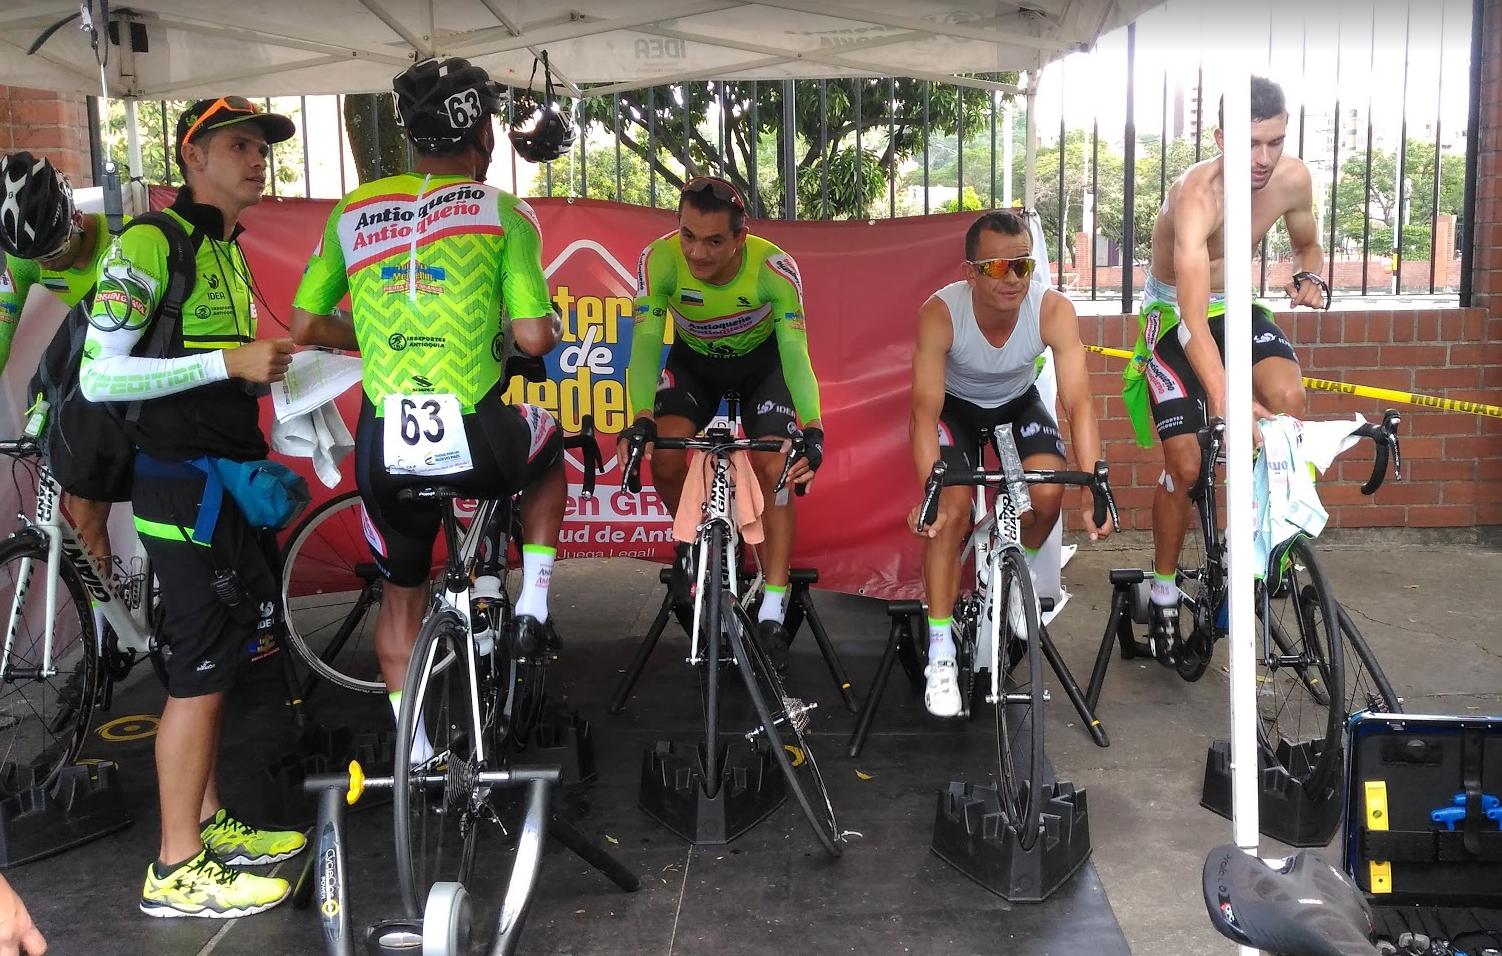 Vuelta a Colombia 2016 - Página 2 96abaf43aca449d4b5975d16bcce68e5